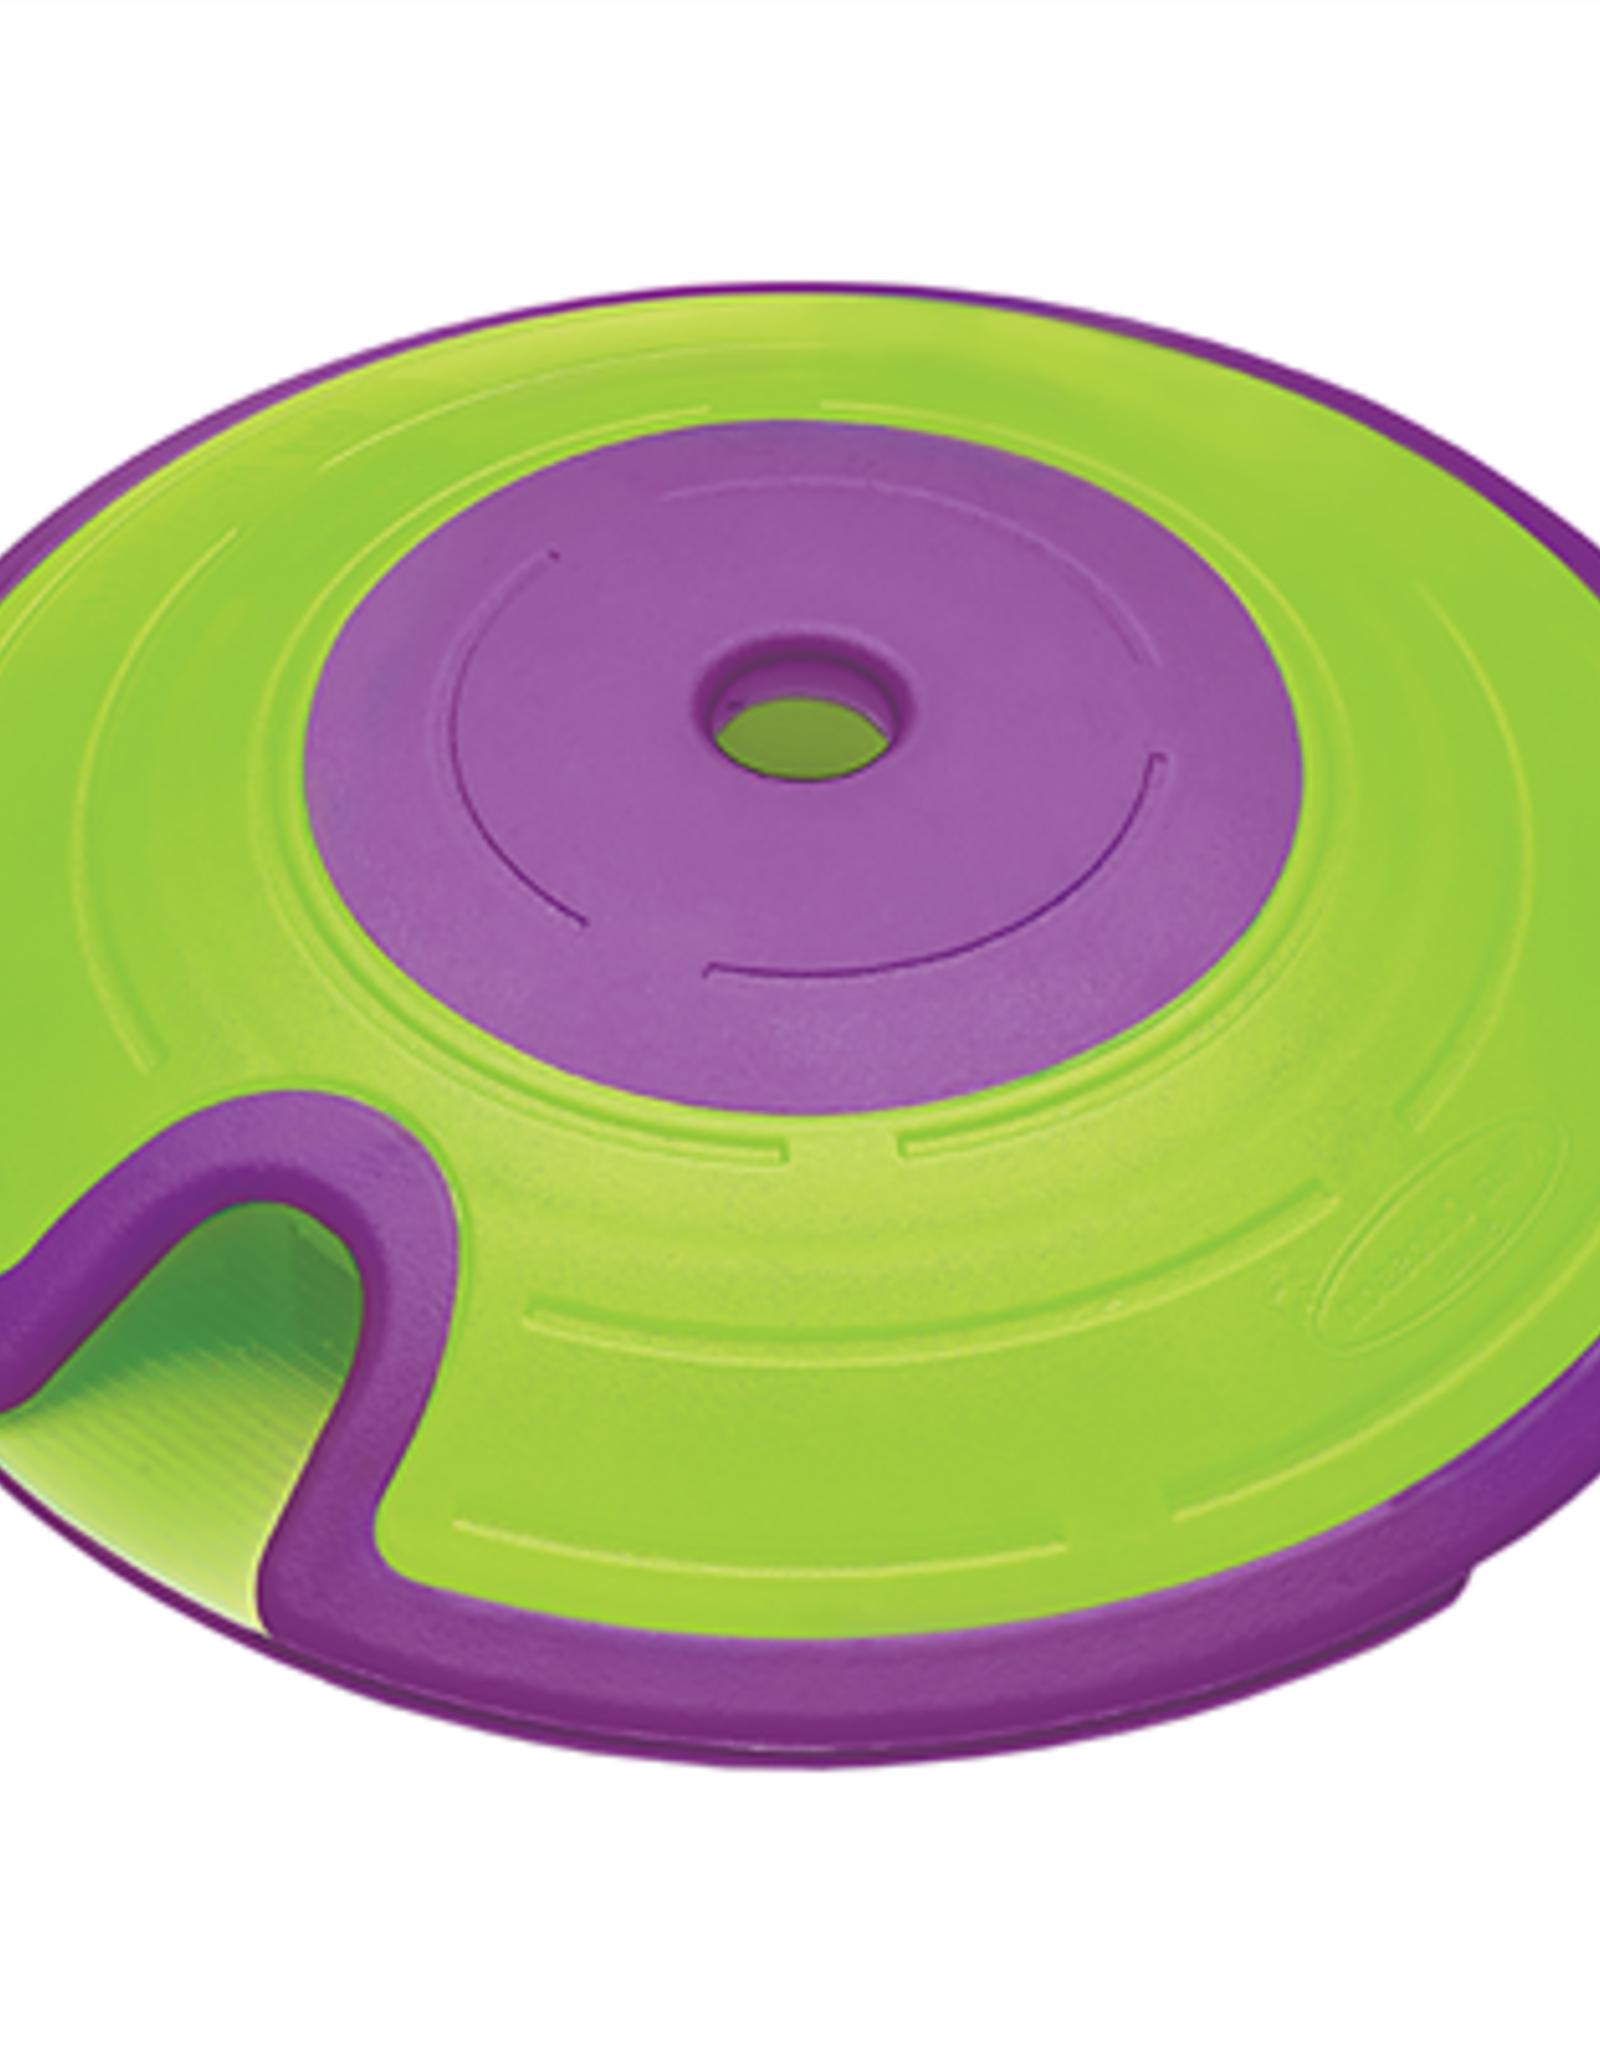 OUTWARD HOUND Outward Hound Dog Treat Maze Green & Purple   Puzzle